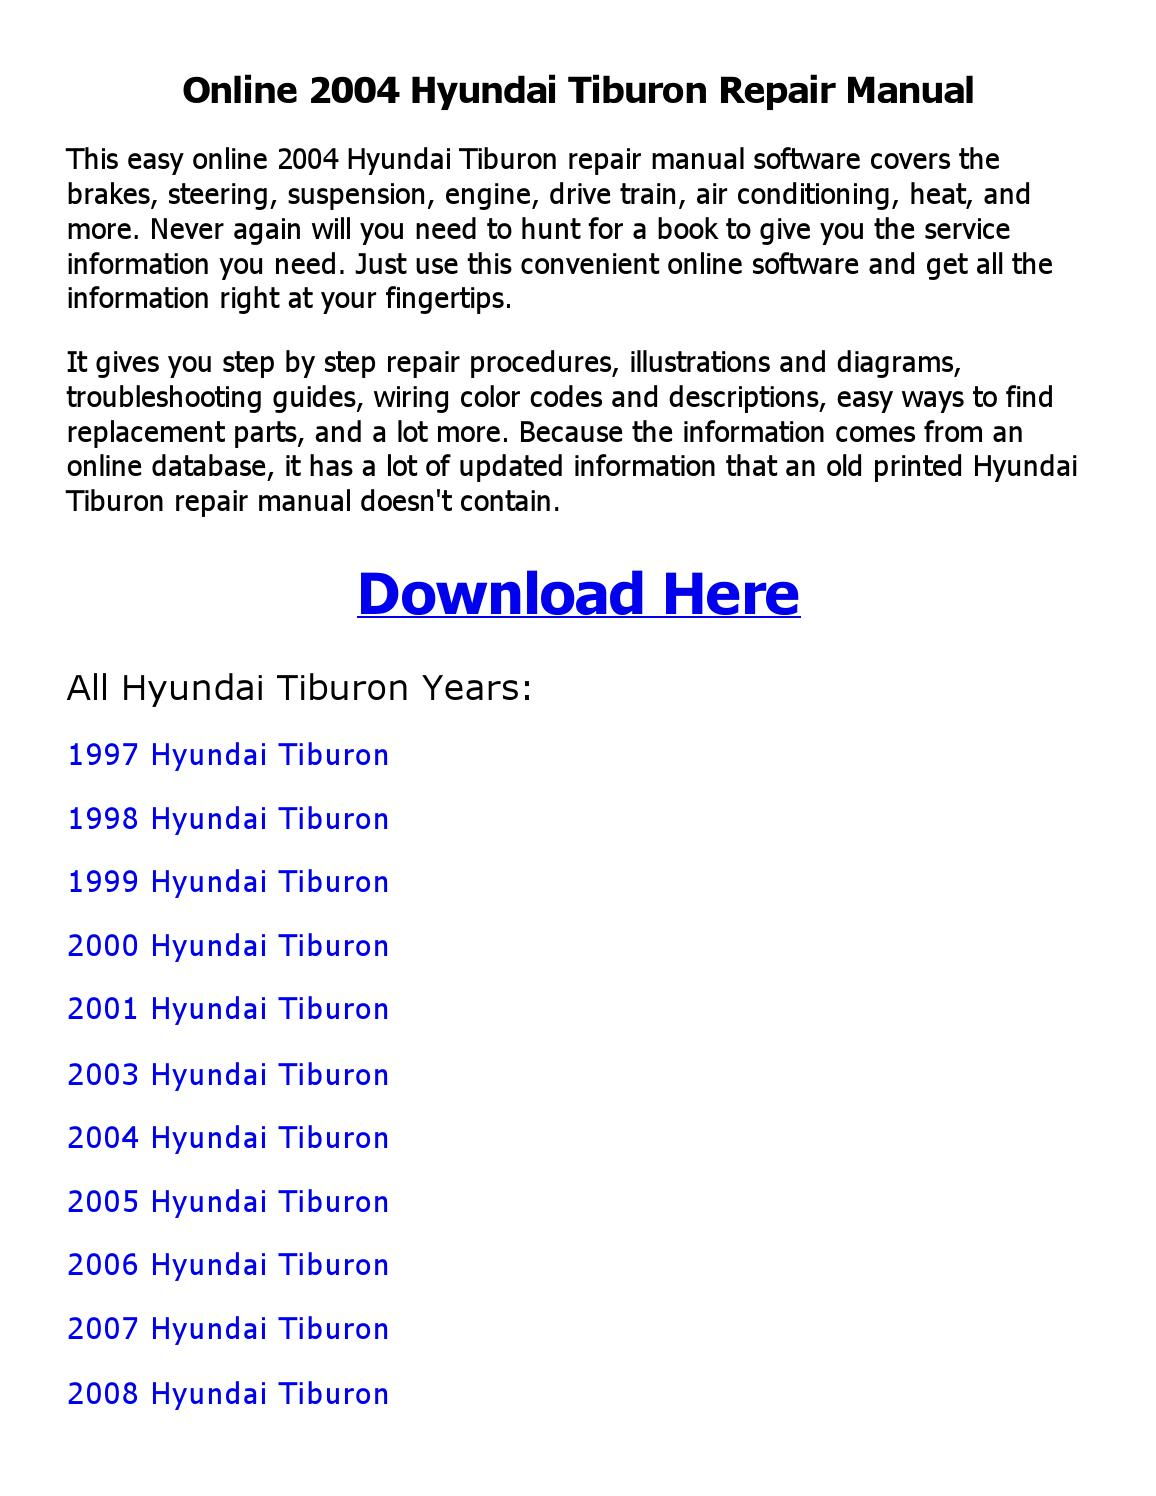 Hyundai Tiburon Wiring Diagram 2001 Hyundai Tiburon Wiring Diagram